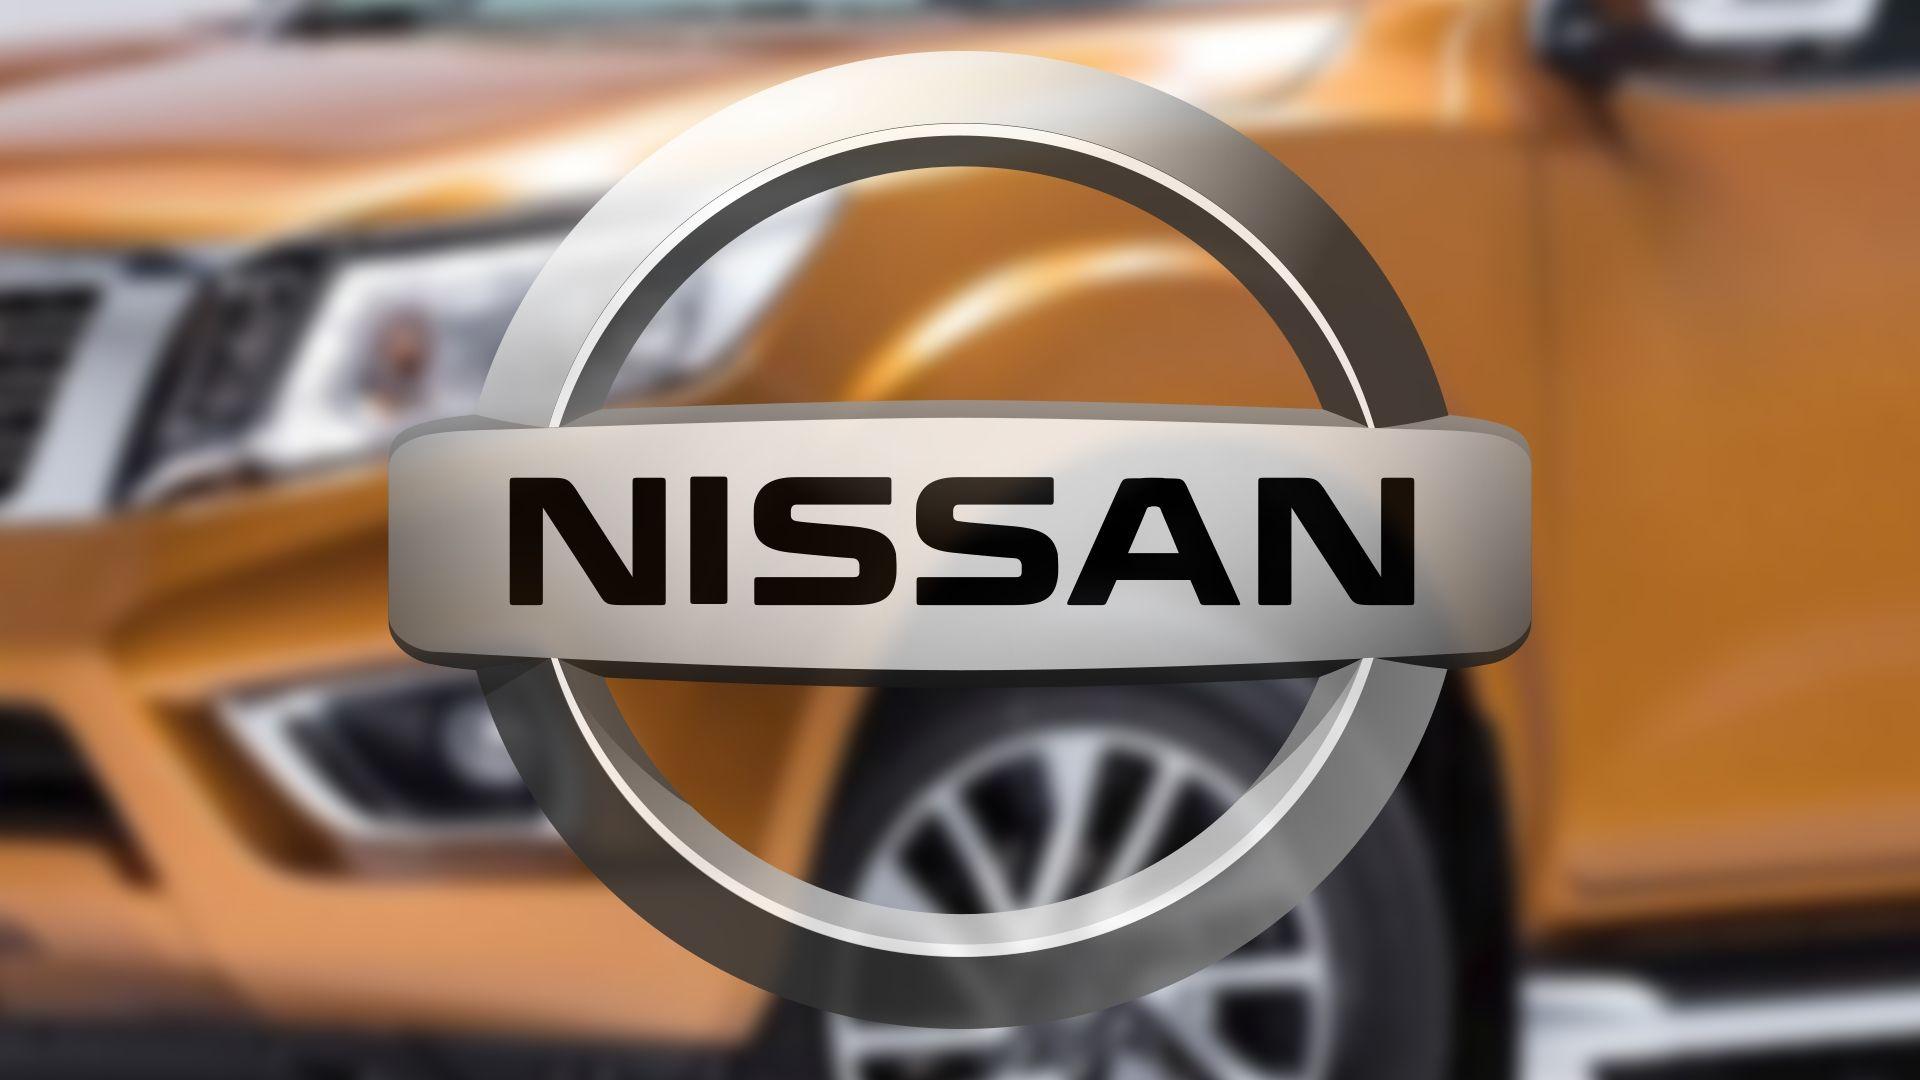 Aparece la nueva Nissan Frontier con restyling incluido | Garantia Plus